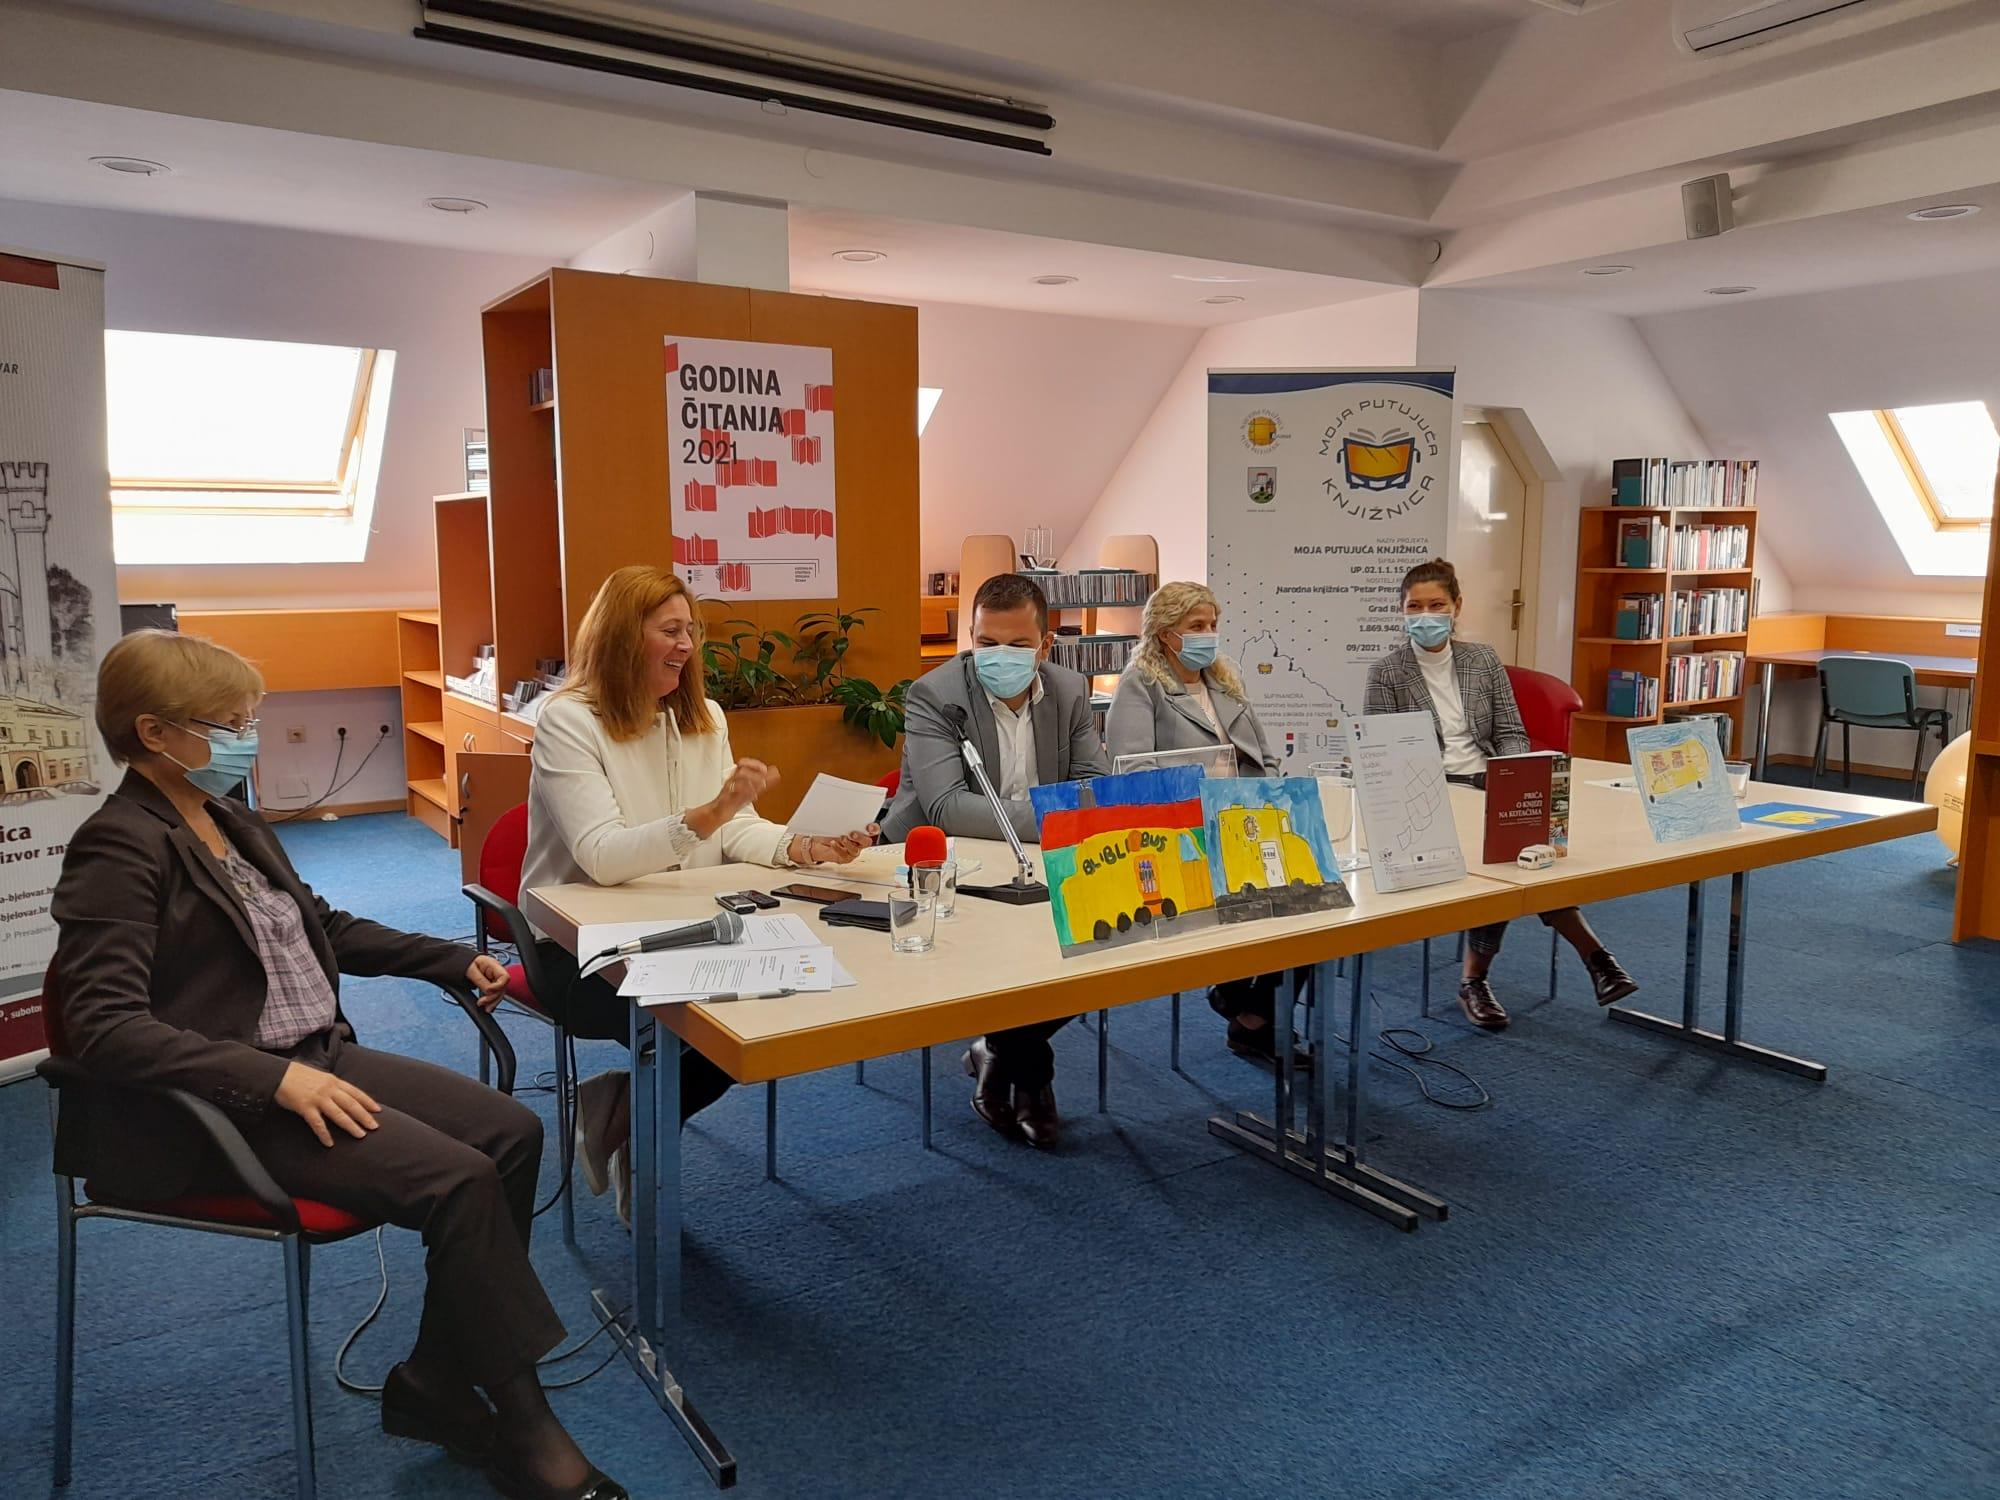 Bjelovarska knjižnica dobiva novi bibliobus, stići će taman za 50. rođendan jedinstvene službe!